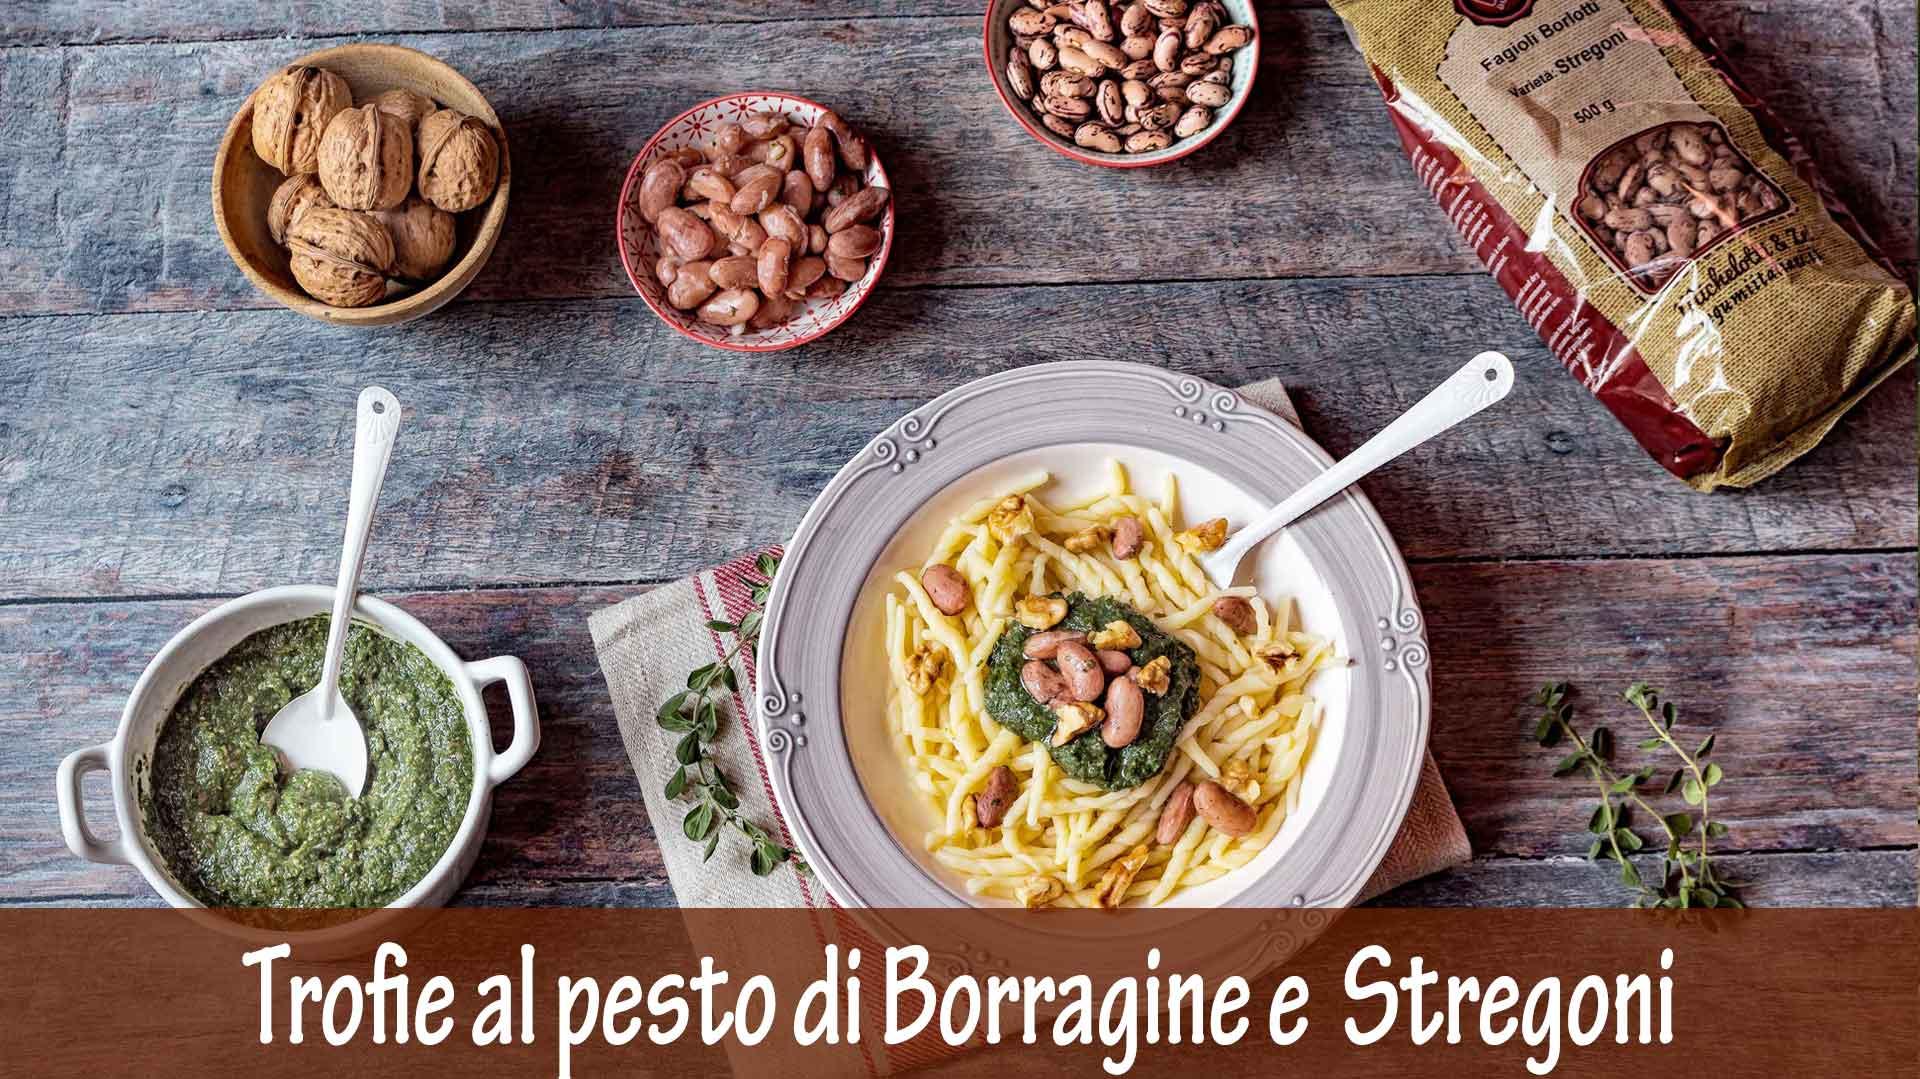 Trofie al pesto di Borragine e Fagioli Stregoni